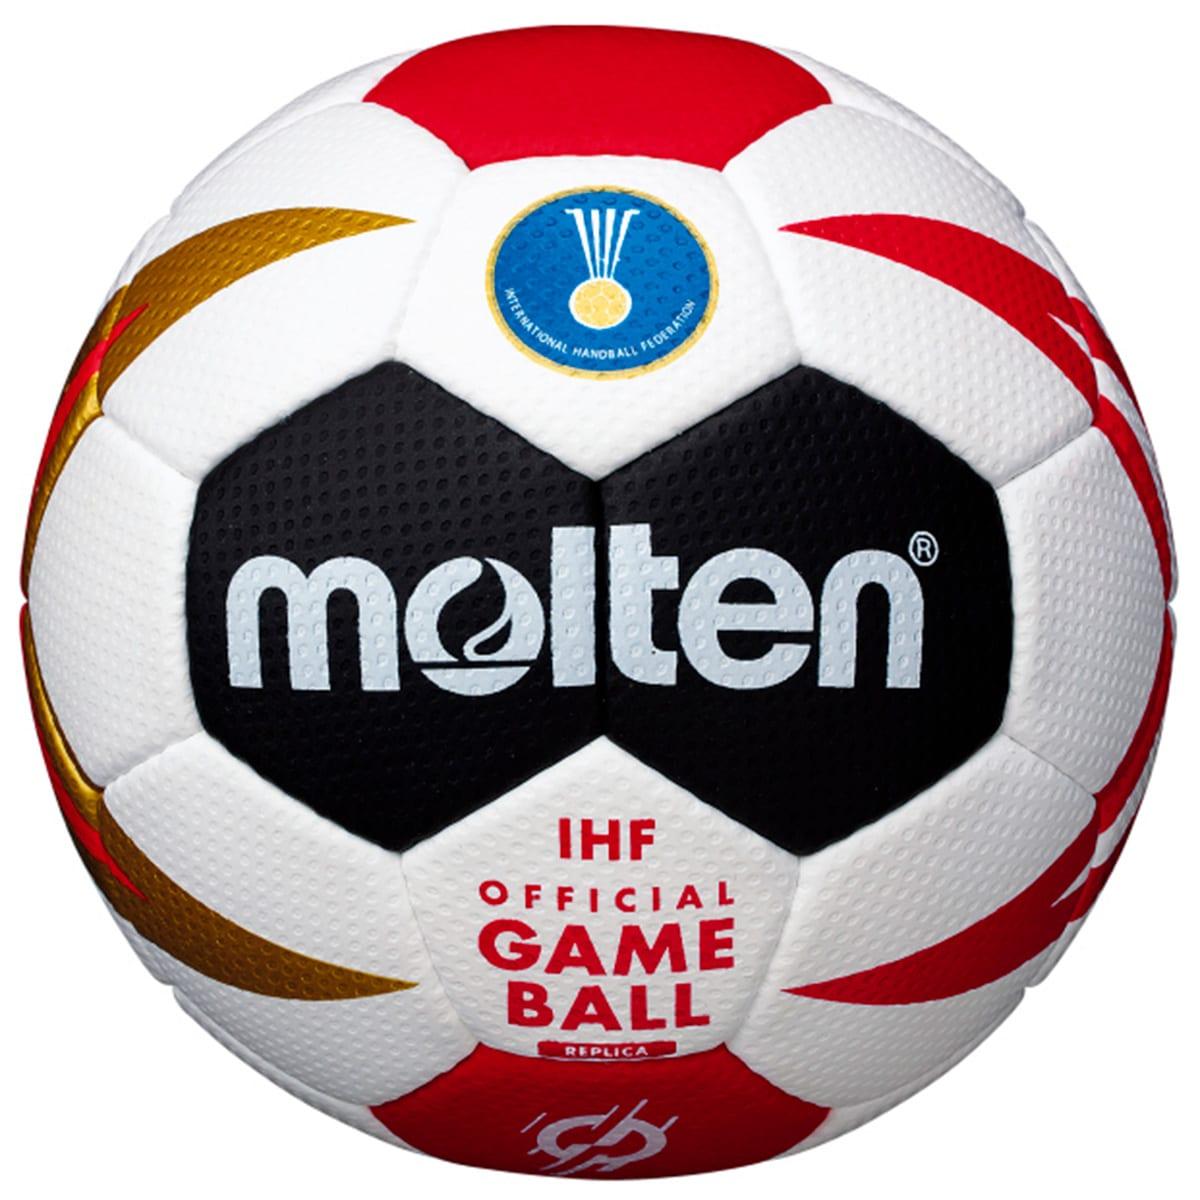 Holdet - Ringkøbing Håndbold